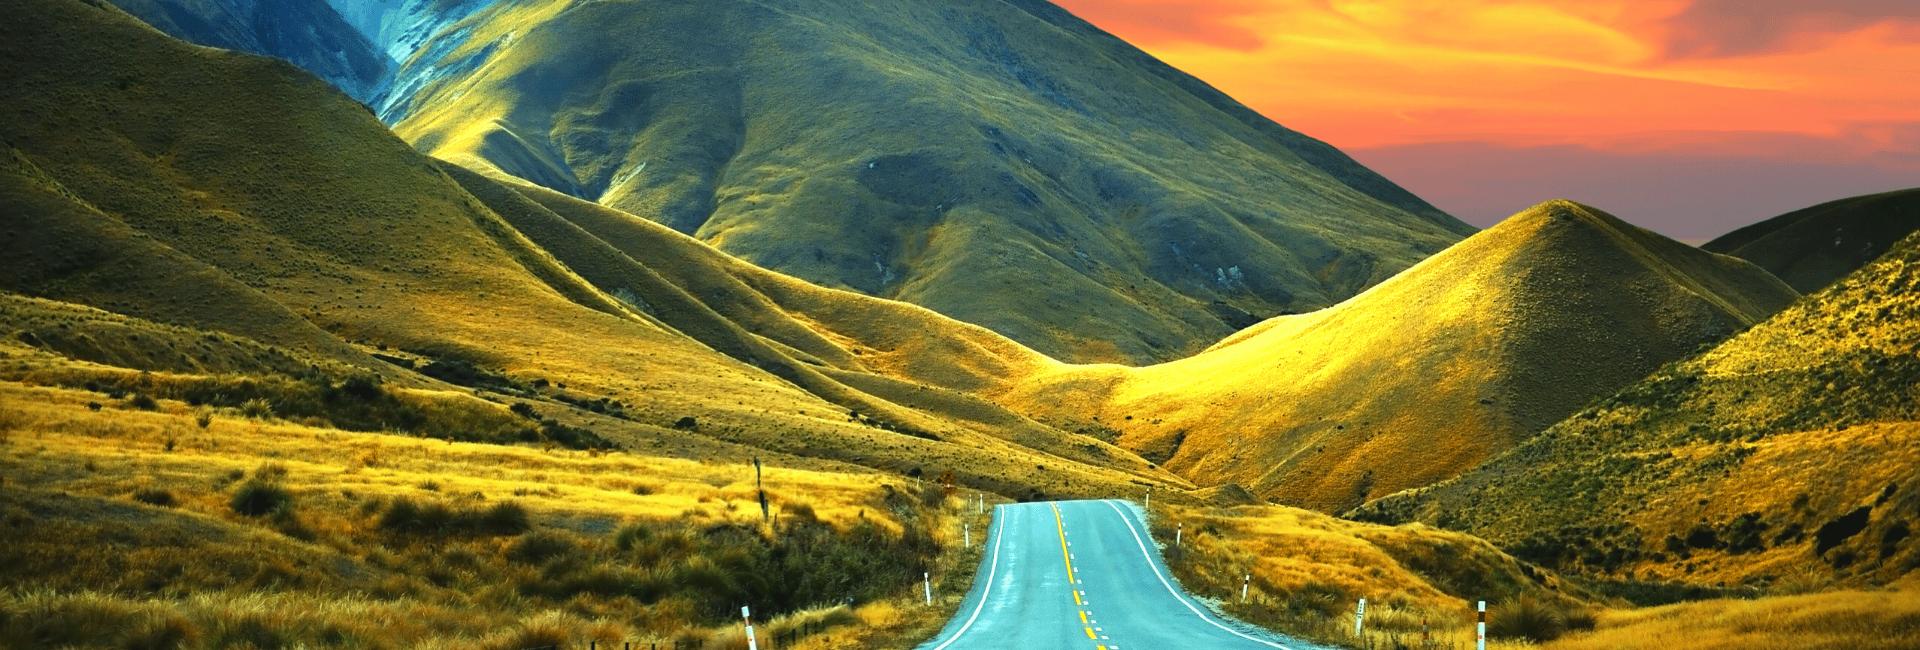 Danmarks bedste udvalg af kør-selv-ferie i New Zealand - Risskov Rejser